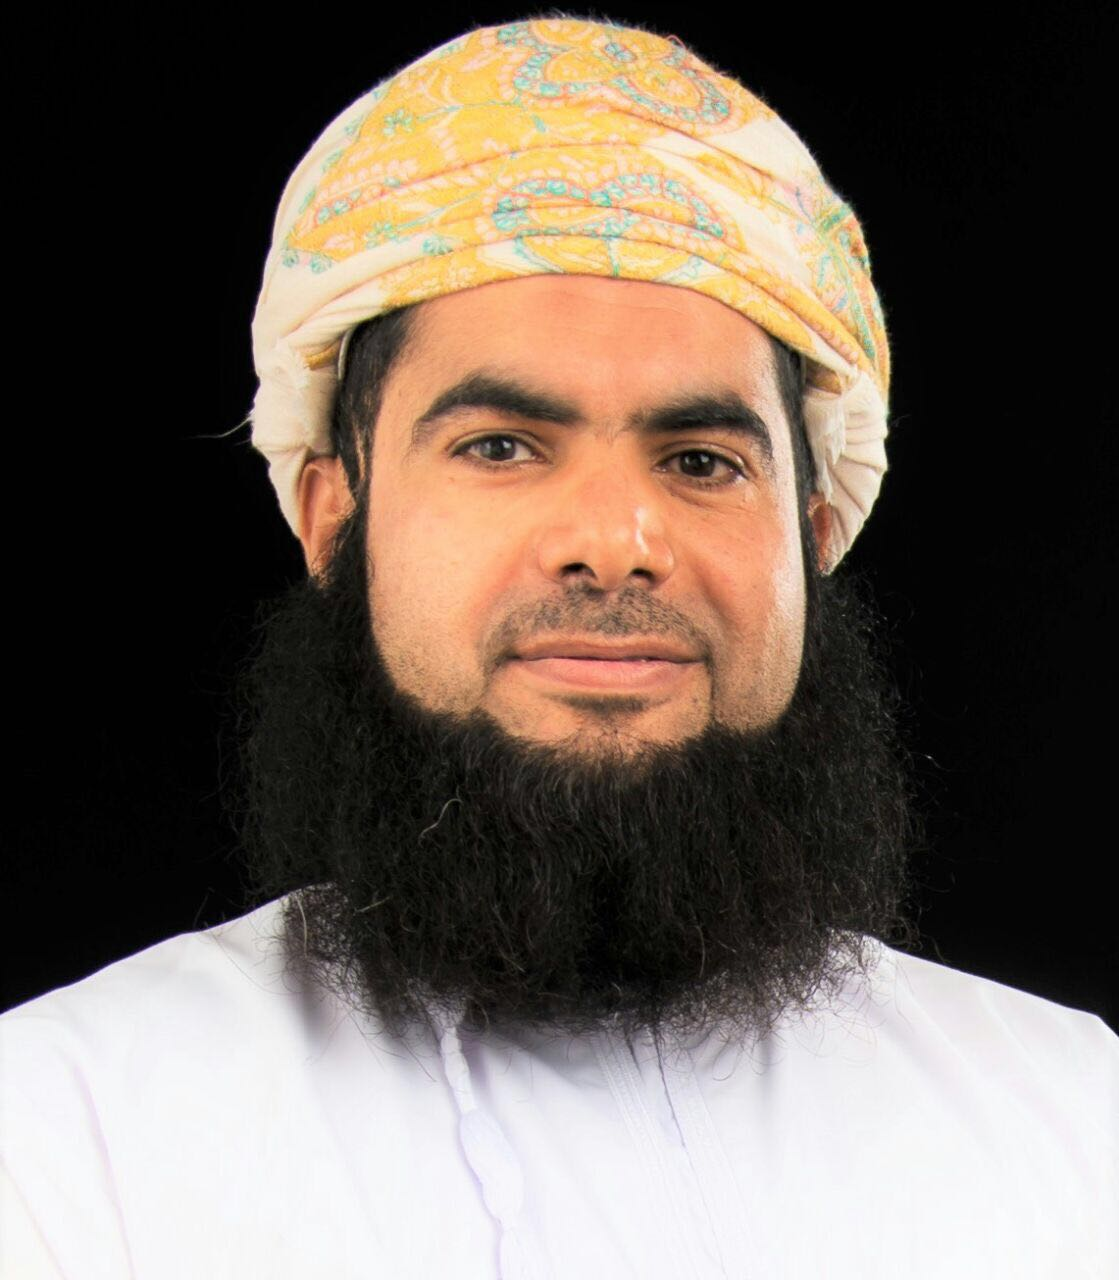 أكاديمي من جامعة السلطان قابوس يحصل على الزمالة البحثية من الأكاديمية الوطنية الأمريكية للعلوم